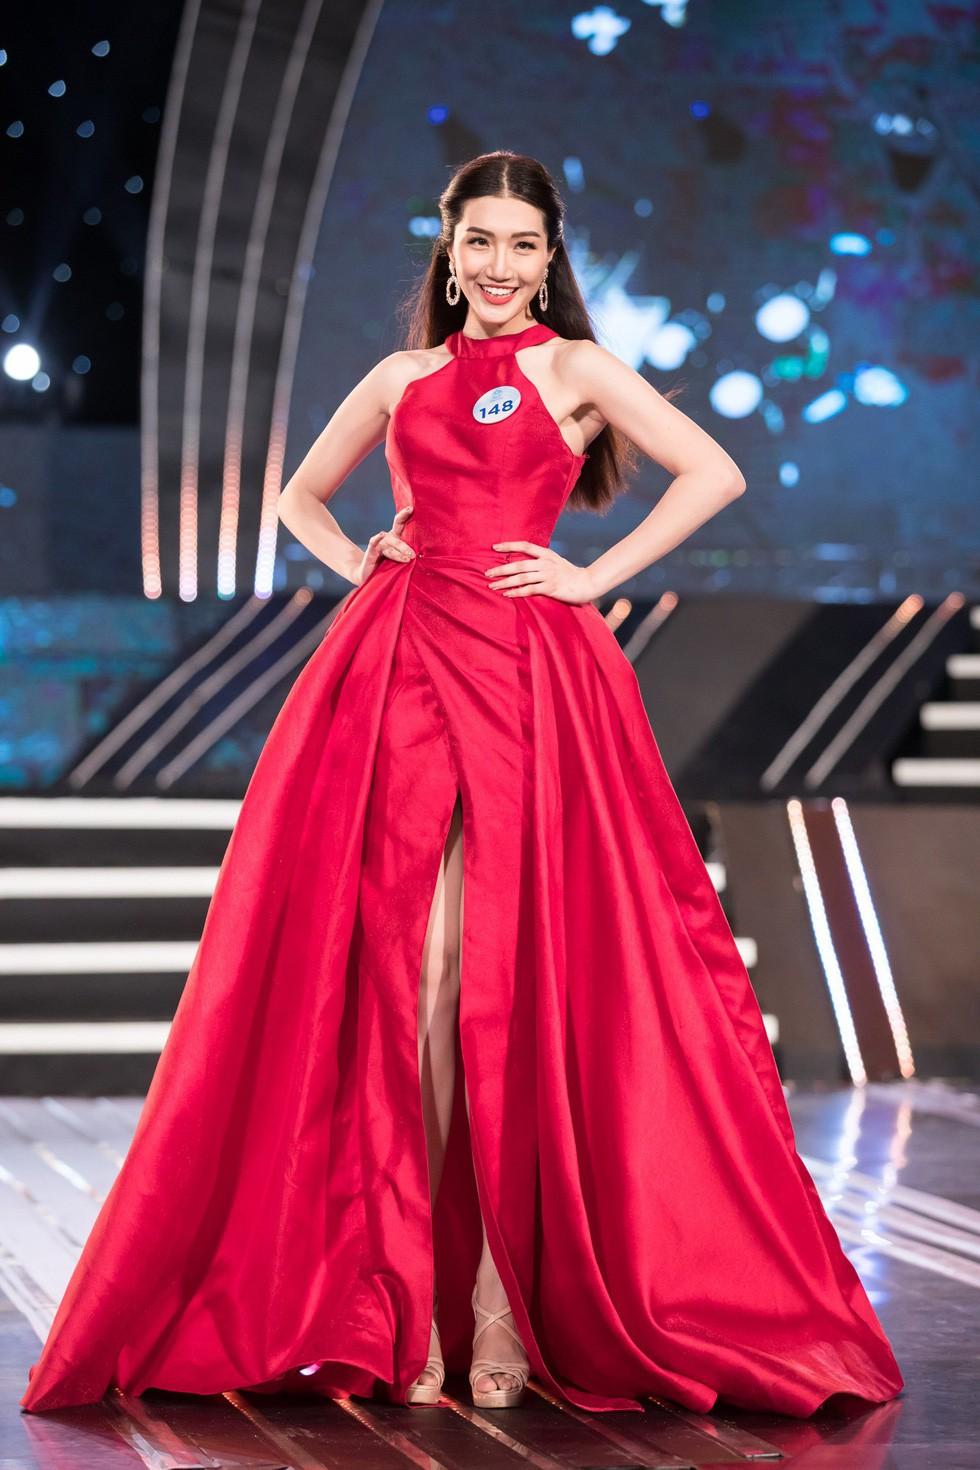 Dàn cực phẩm lọt chung kết Hoa hậu thế giới Việt Nam 2019: Toàn là Hoa khôi, Á khôi các cuộc thi sắc đẹp sinh viên! - Ảnh 10.